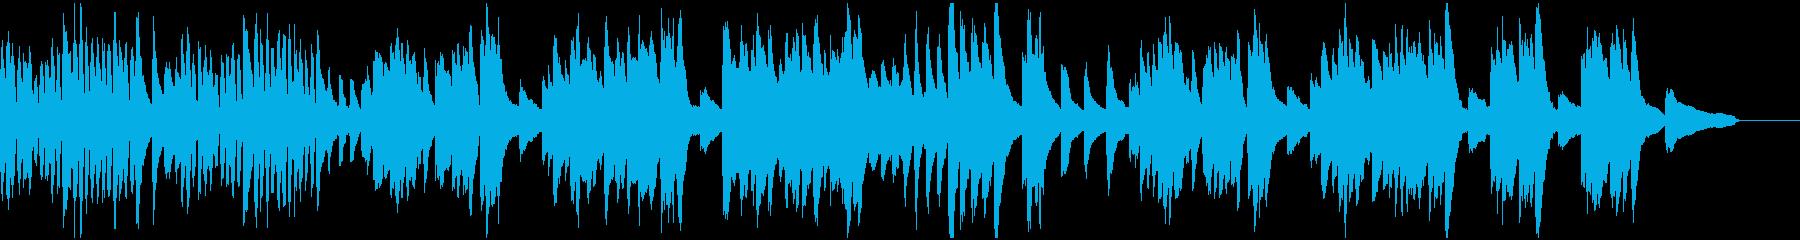 元気の良いピアノソロBGMの再生済みの波形